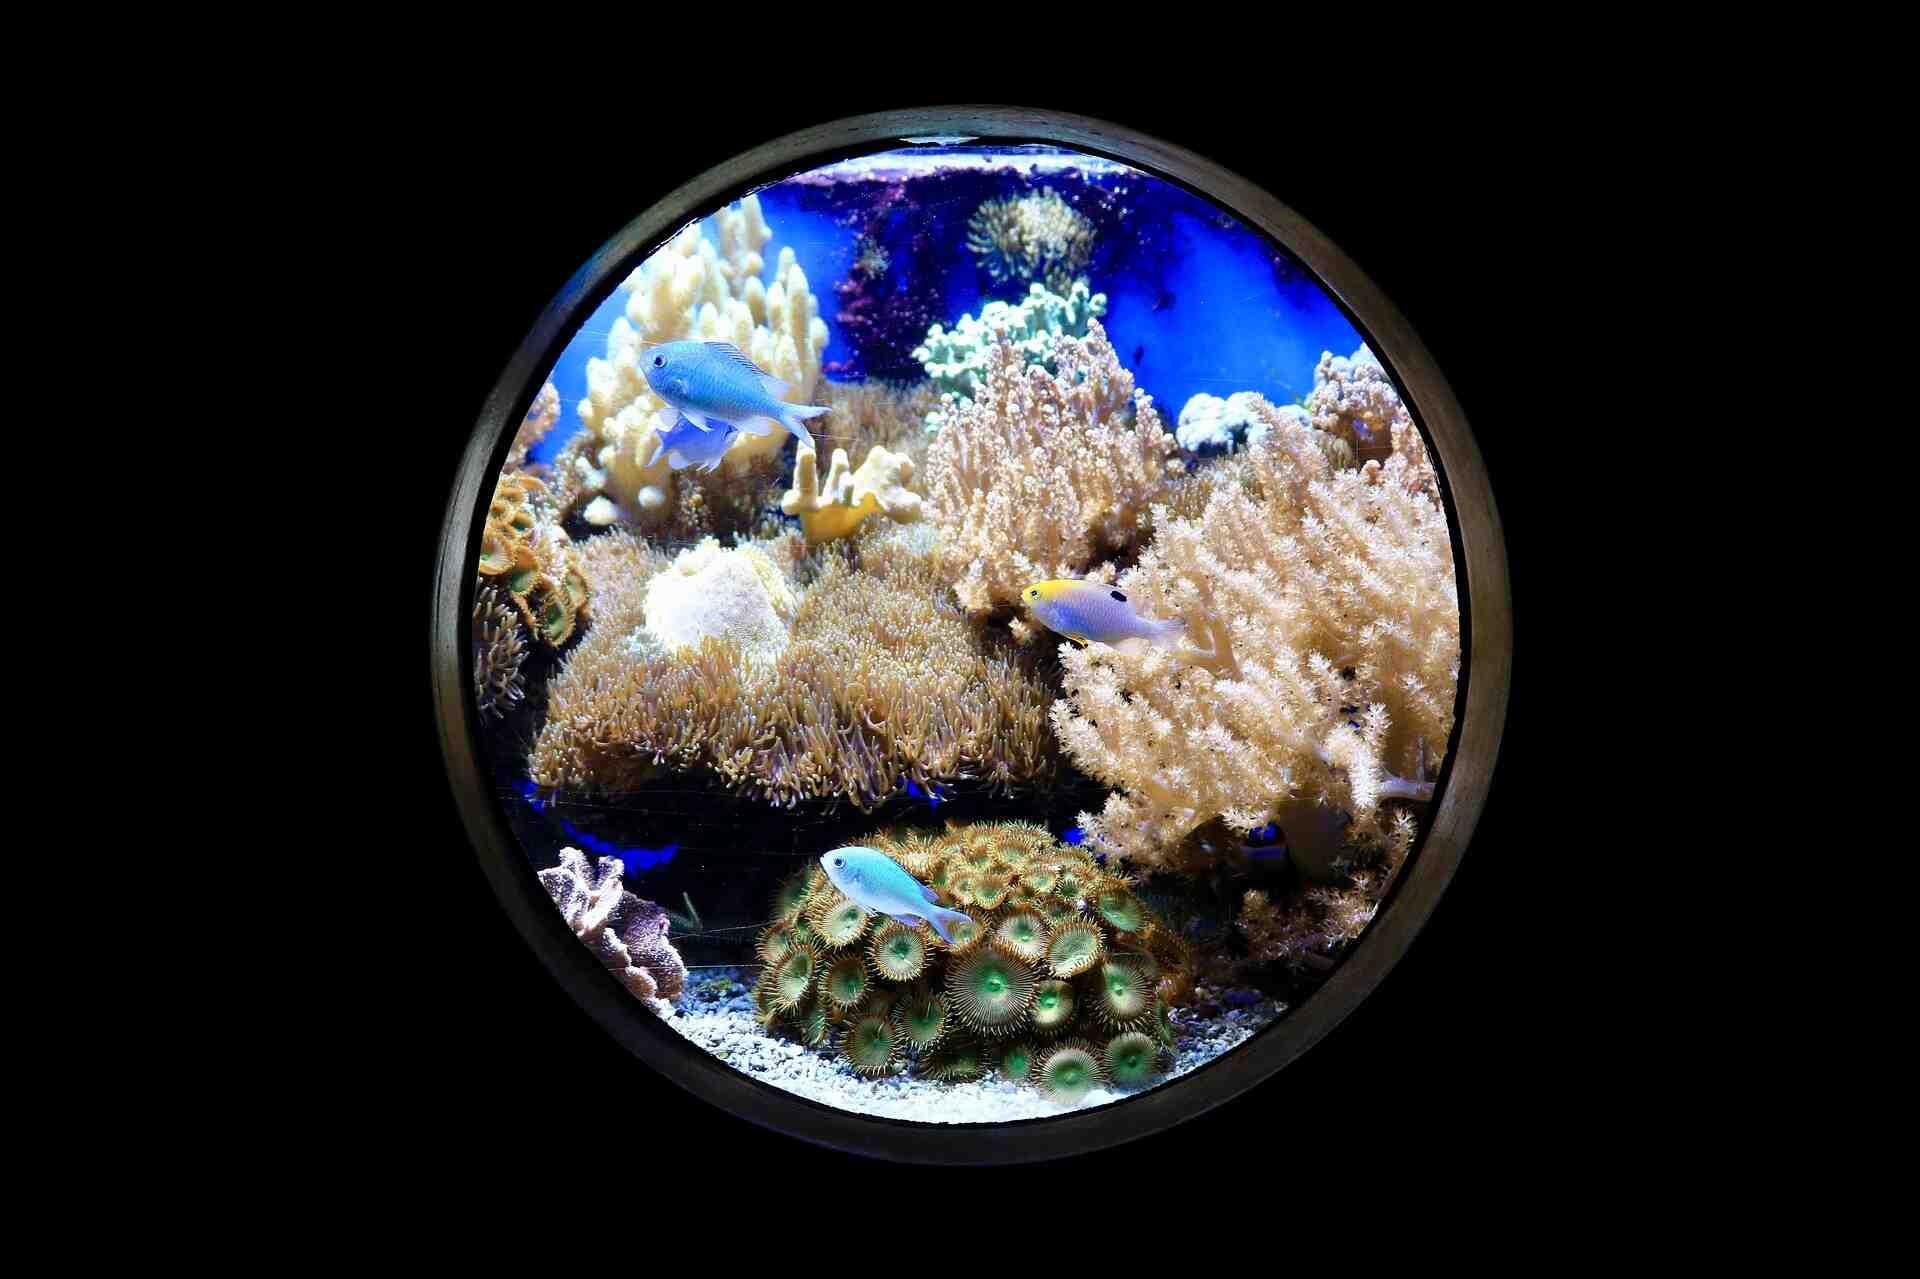 Quelle eau démarre un aquarium?